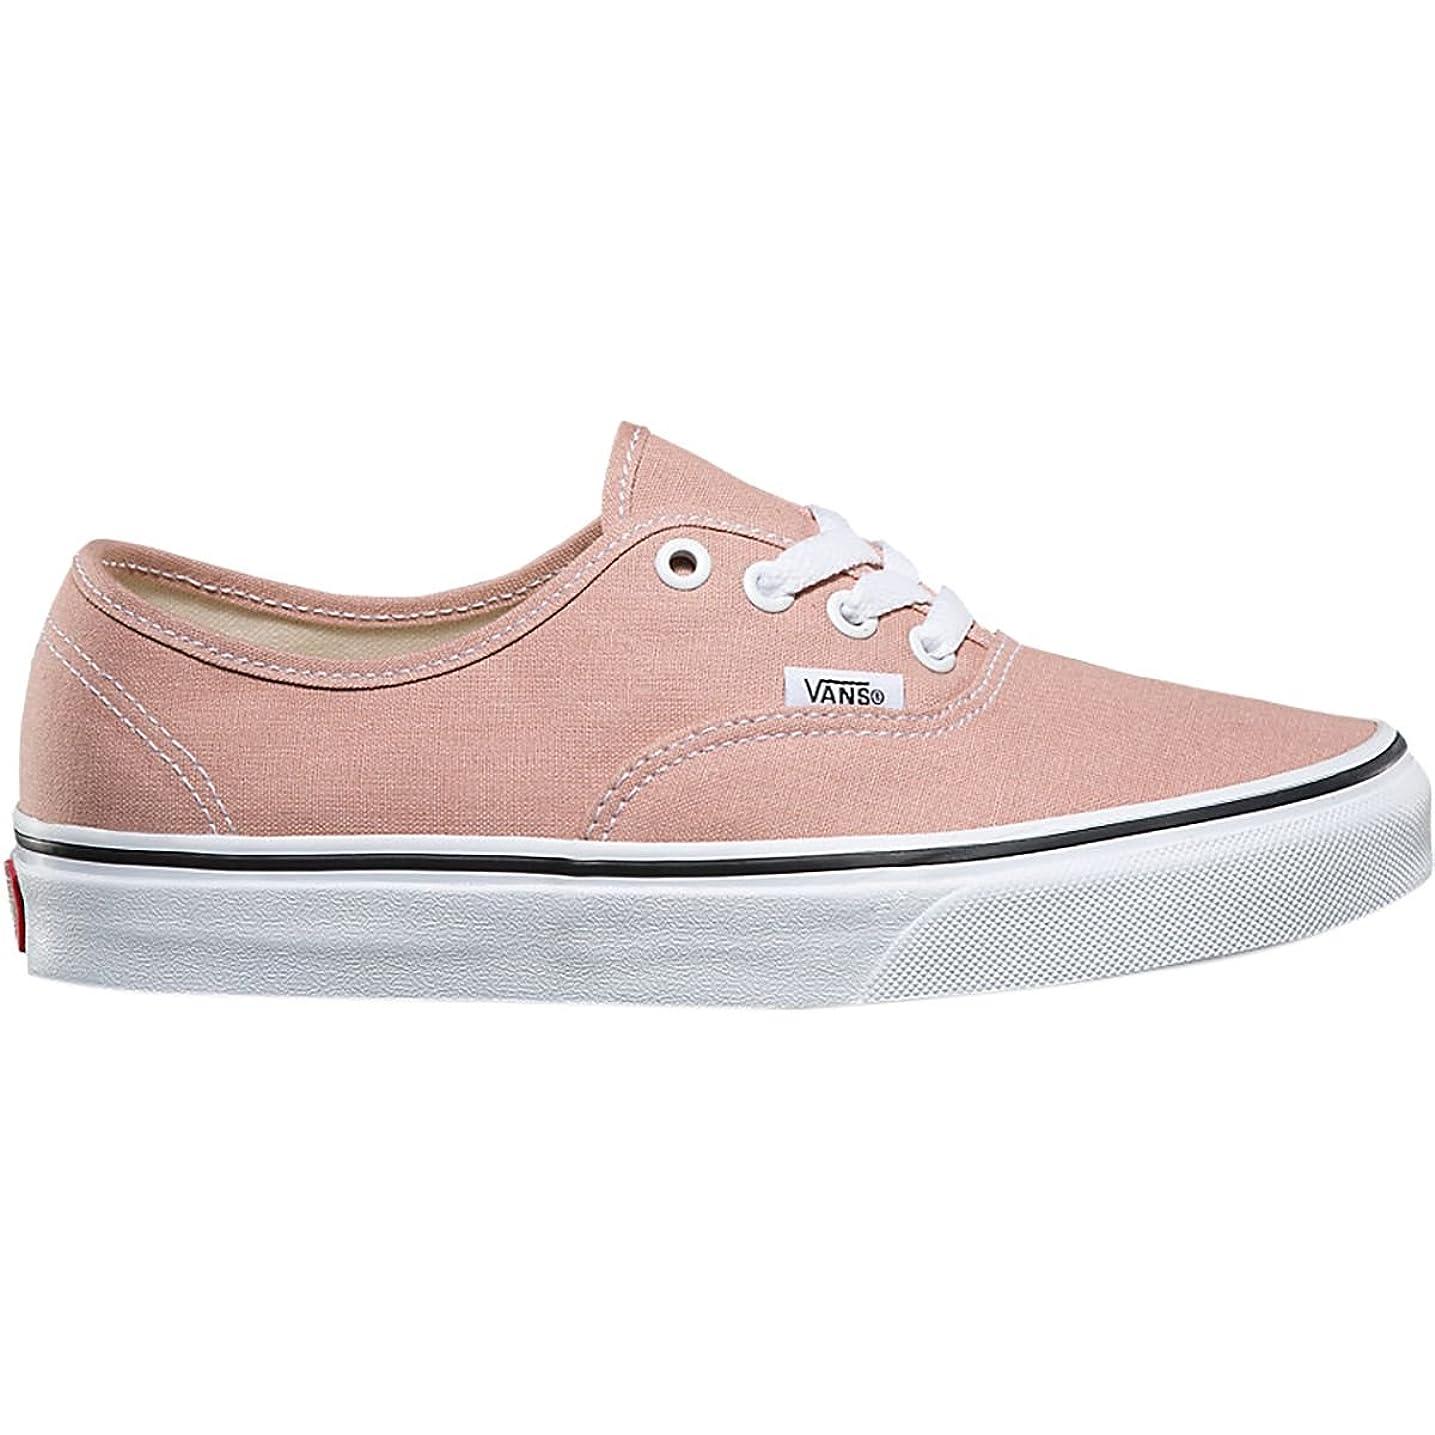 リンク咲く慣性バンズ シューズ スニーカー Authentic Shoe - Women's Mahogany R gpr [並行輸入品]